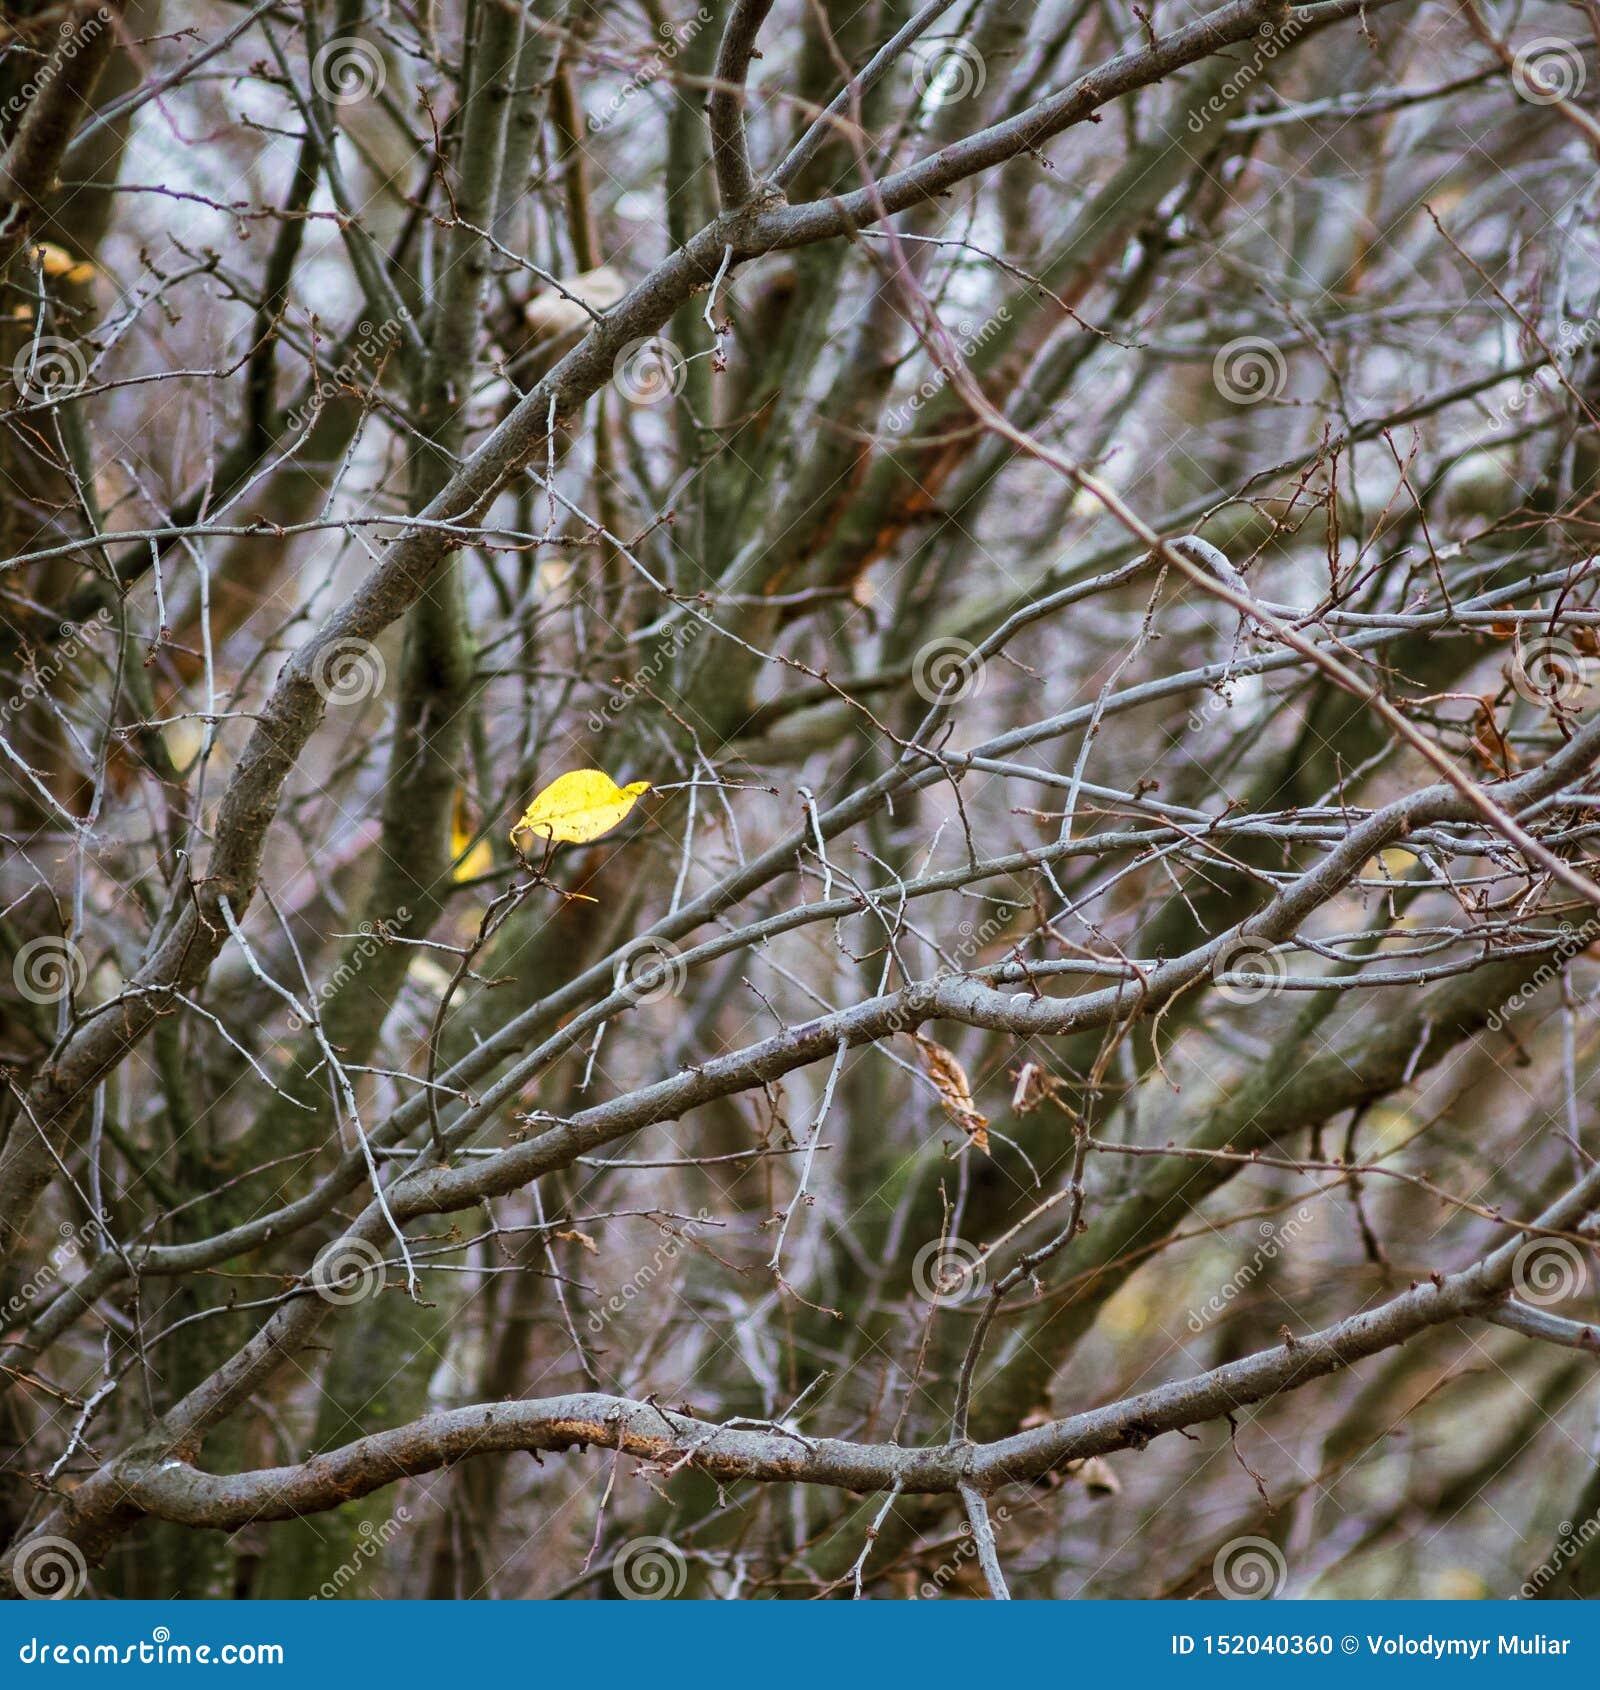 Уединенные желтые лист среди толстых ветвей в autumn_